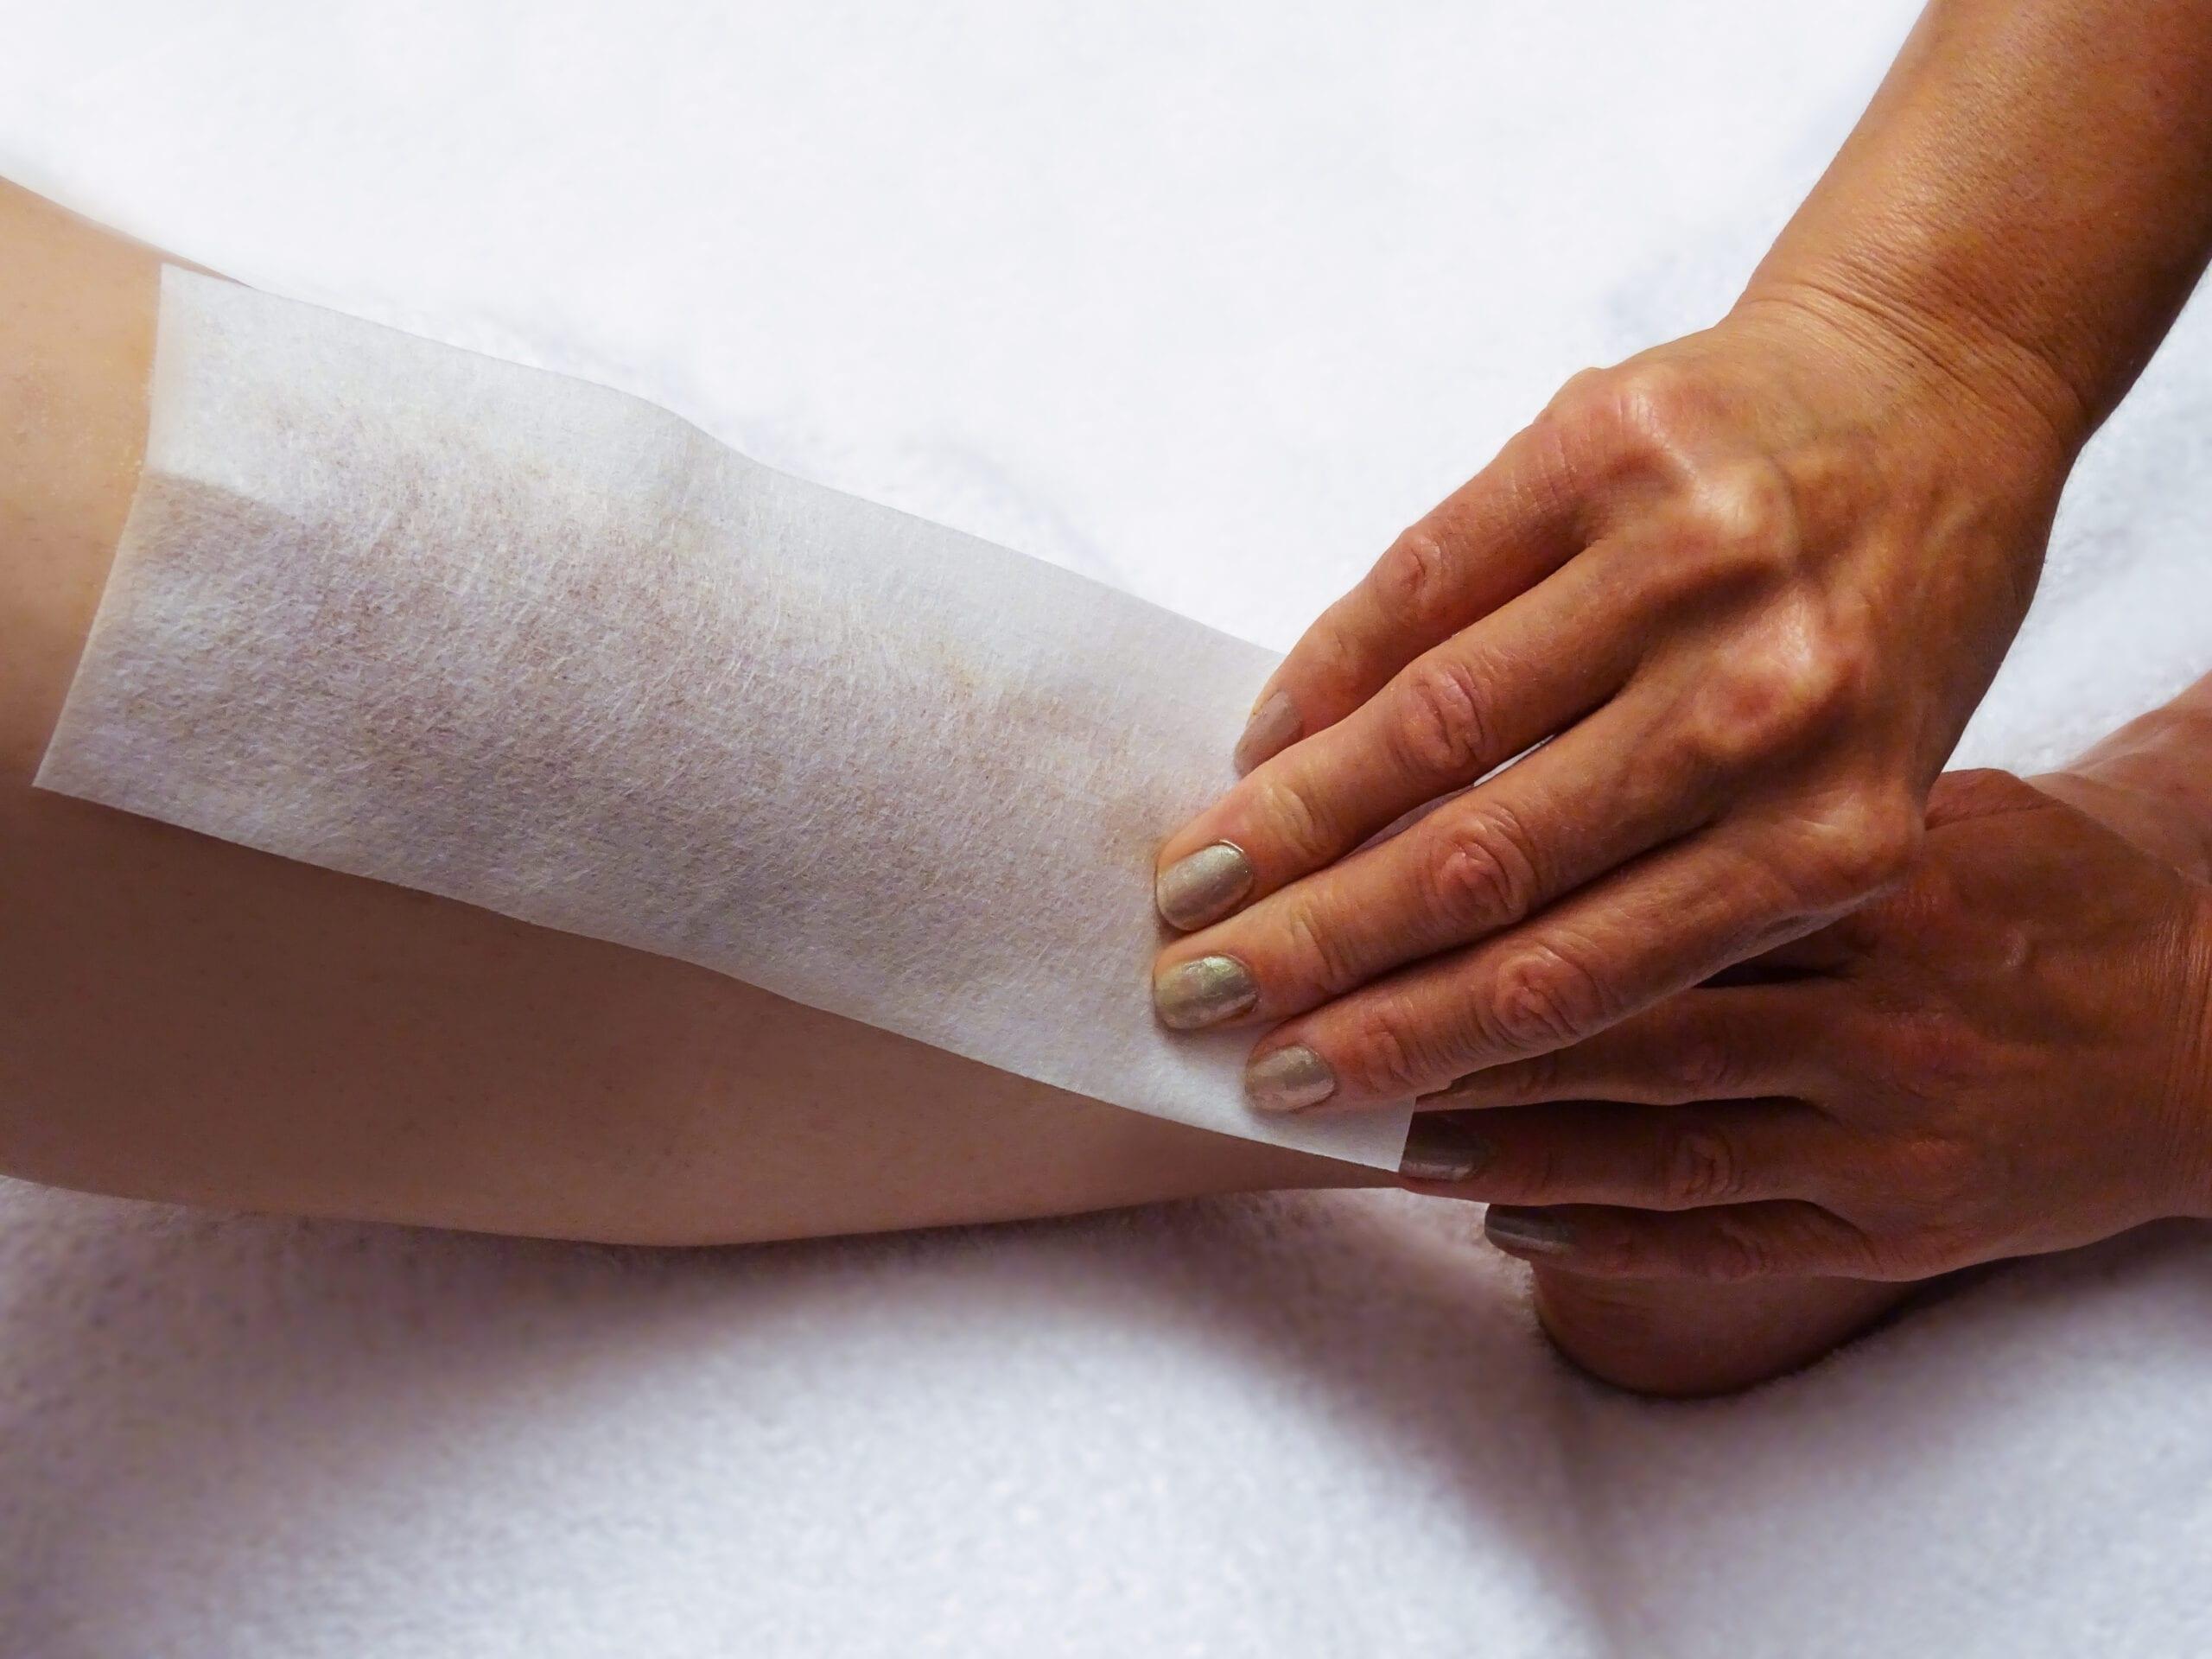 Voksbehandling på ben